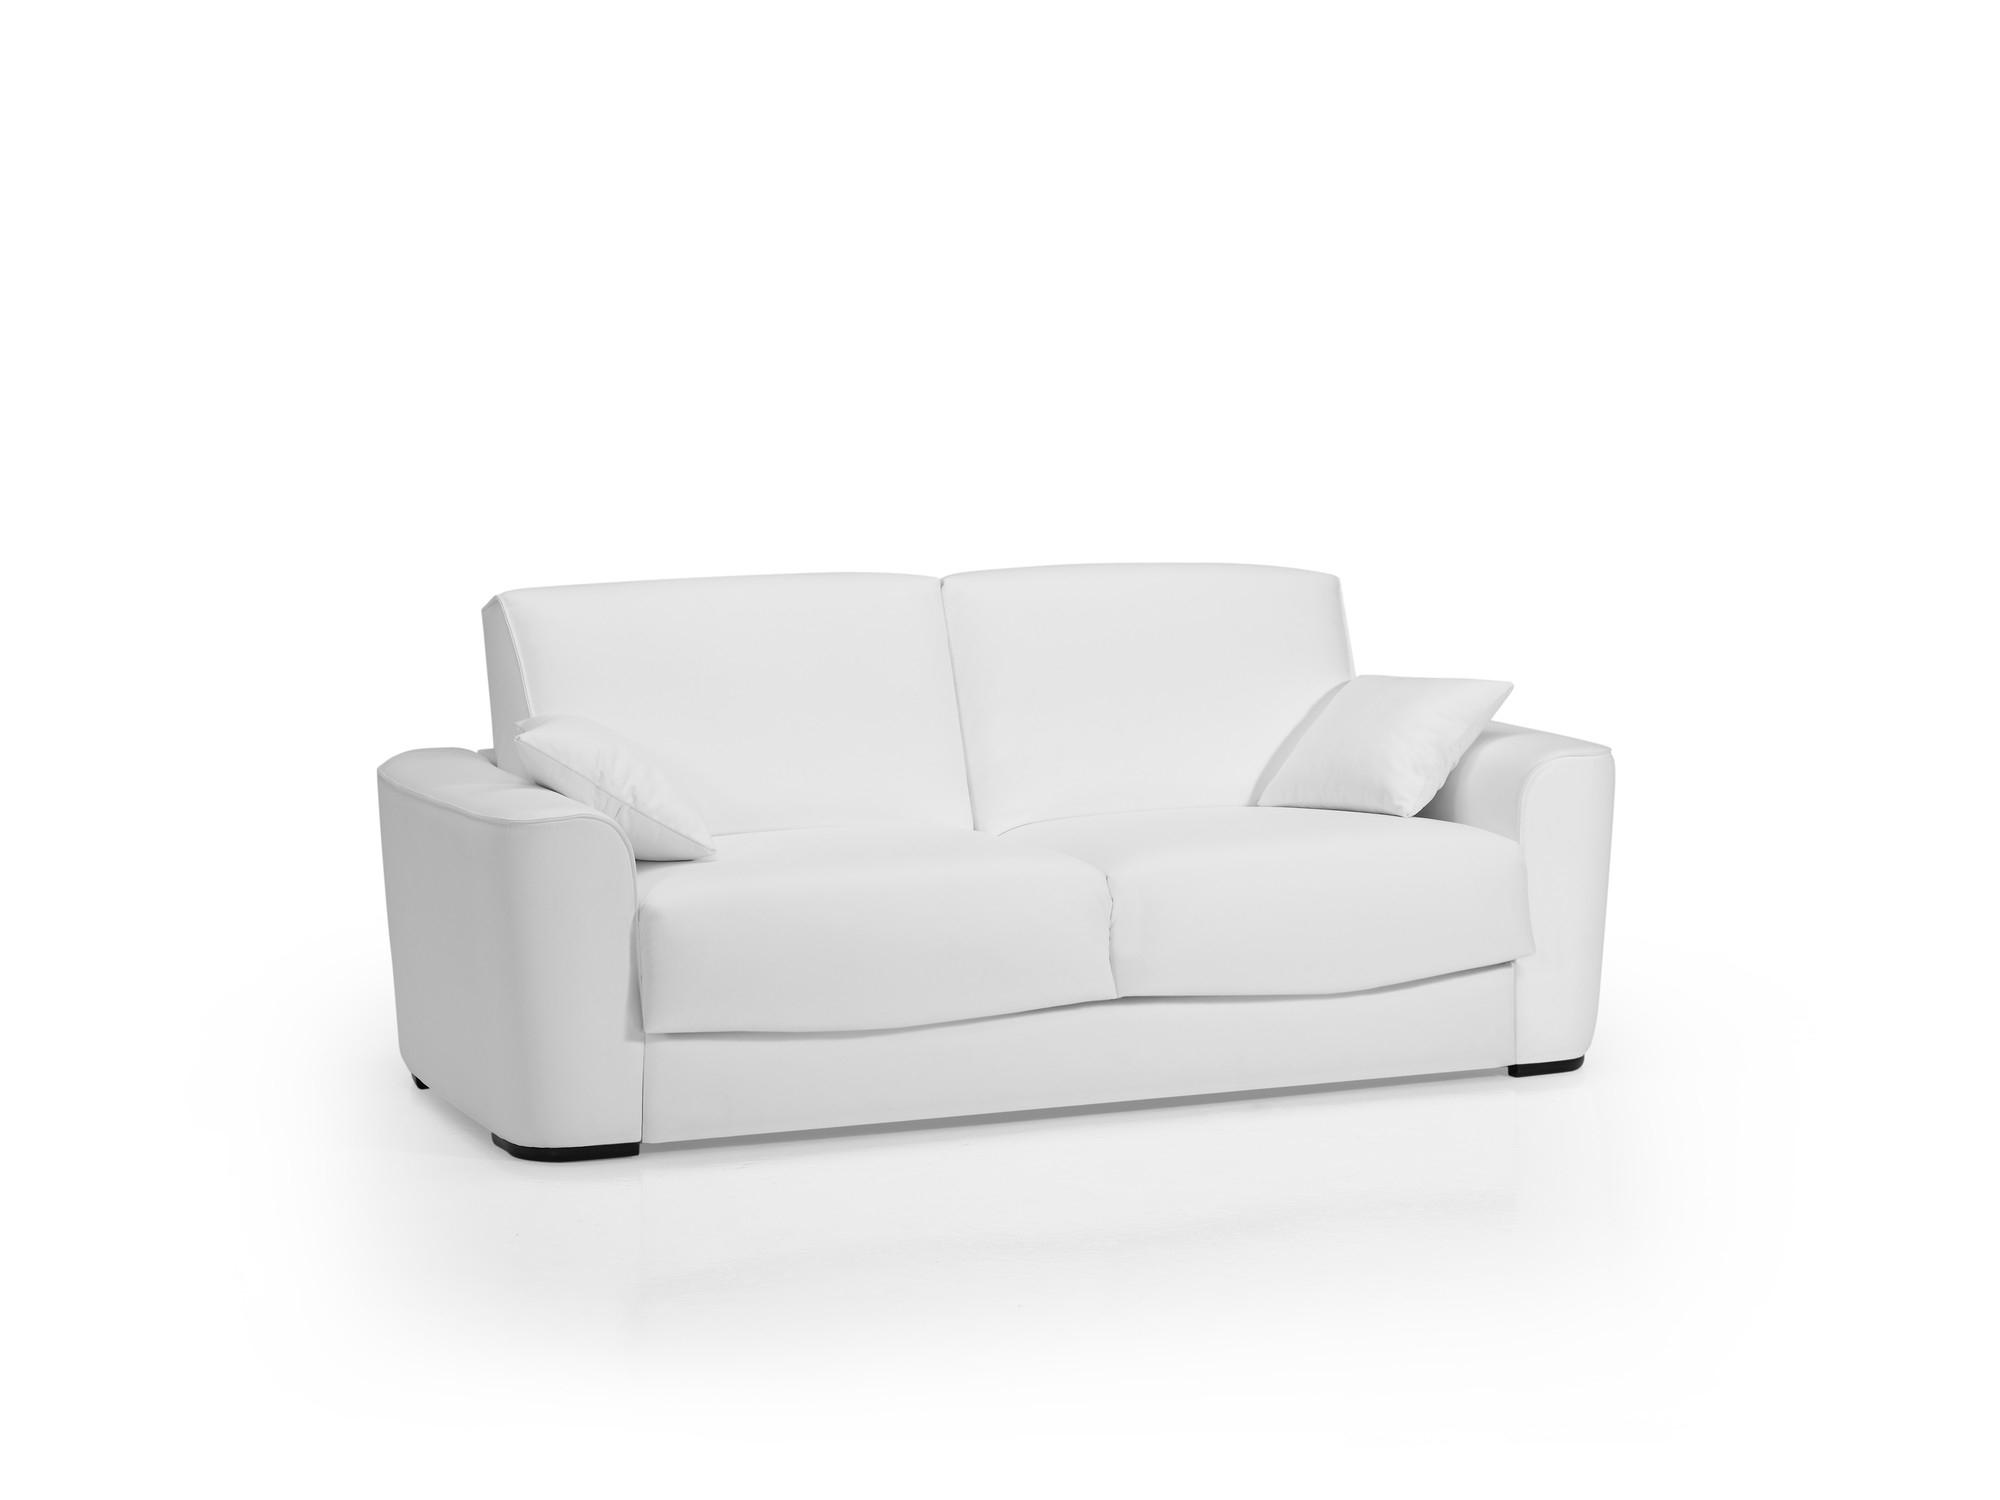 Petit Canapé Lit - At007 destiné Canape Convertible Tres Confortable